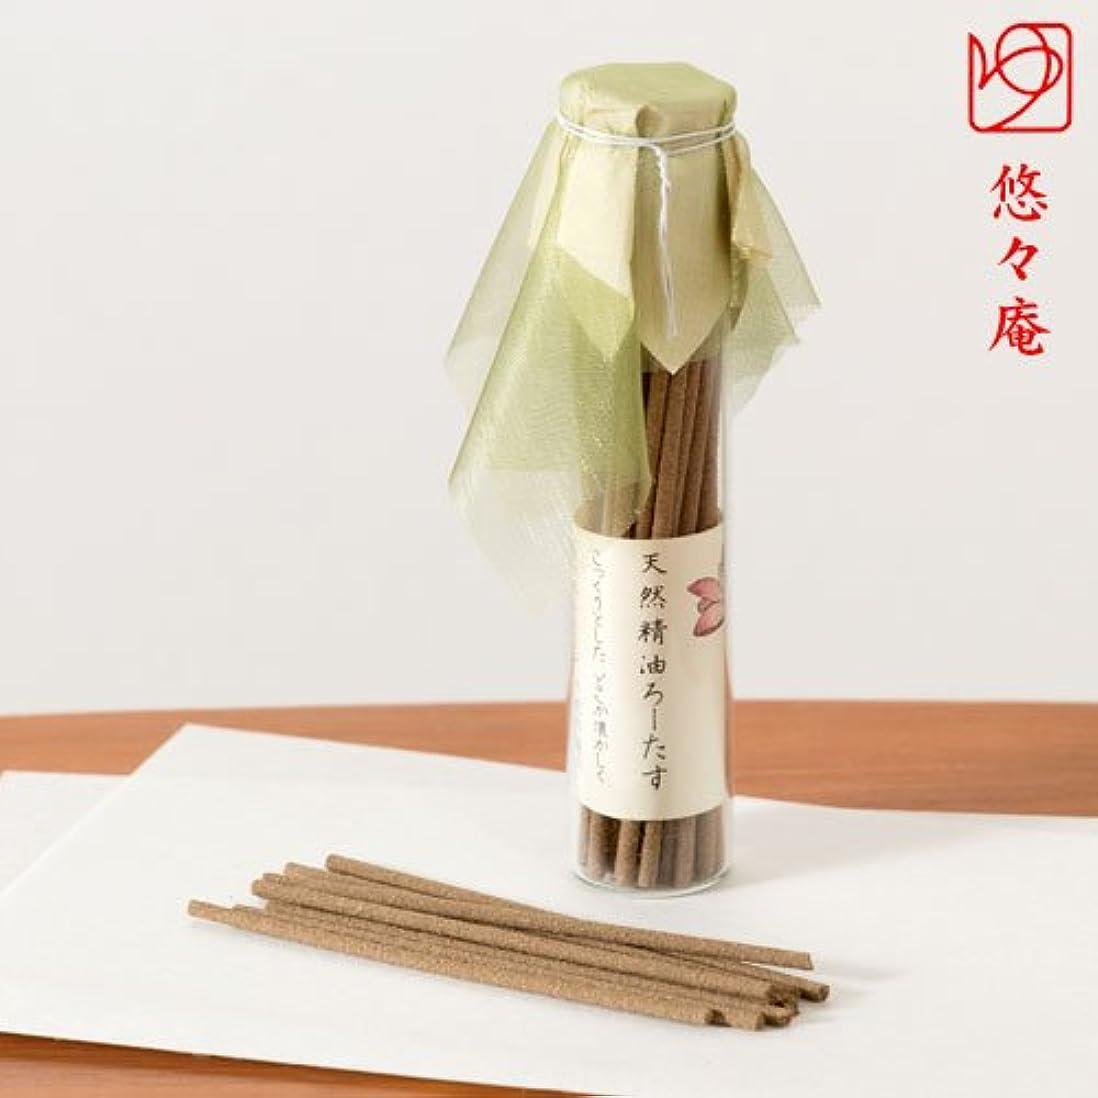 スティックお香天然精油のお線香ろーたすの池ガラスビン入悠々庵Incense stick of natural essential oil